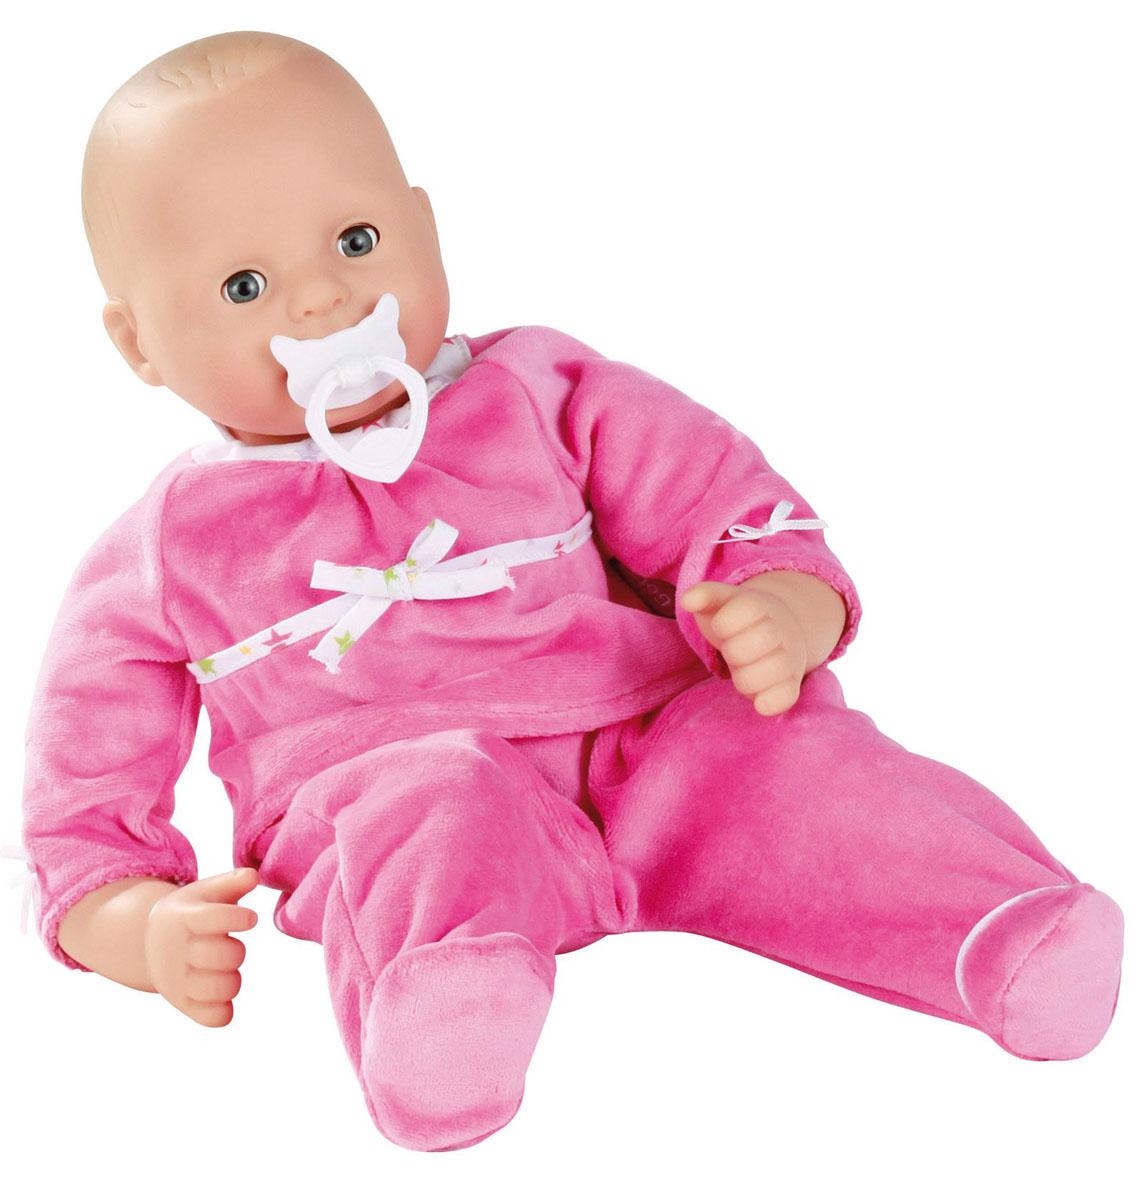 Gotz Пупс Макси-маффин в розовом костюме1327667Пупс Gotz Маффин станет верным другом ребенка и позволит проводить много часов в увлекательной игре с очаровательным созданием от немецкого бренда Gotz. Пупс в одежде для сна с мягким телом и виниловым личиком создан для активных игр детей дома или на улице. Кукле можно придавать различные позы, переодевать и укладывать спать. Кукла Gotz одета в розовый костюм: мягкая кофта с бантиком и ползунки. В комплекте с куклой есть соска. Голова, руки и ноги куклы выполнены из винила. Малыш имеет очаровательные черты лица: маленький рот и носик, широко раскрытые глазки, которыми он может моргать. Пупс не имеет волос. Кукла полностью безопасна и гипоаллергенна.